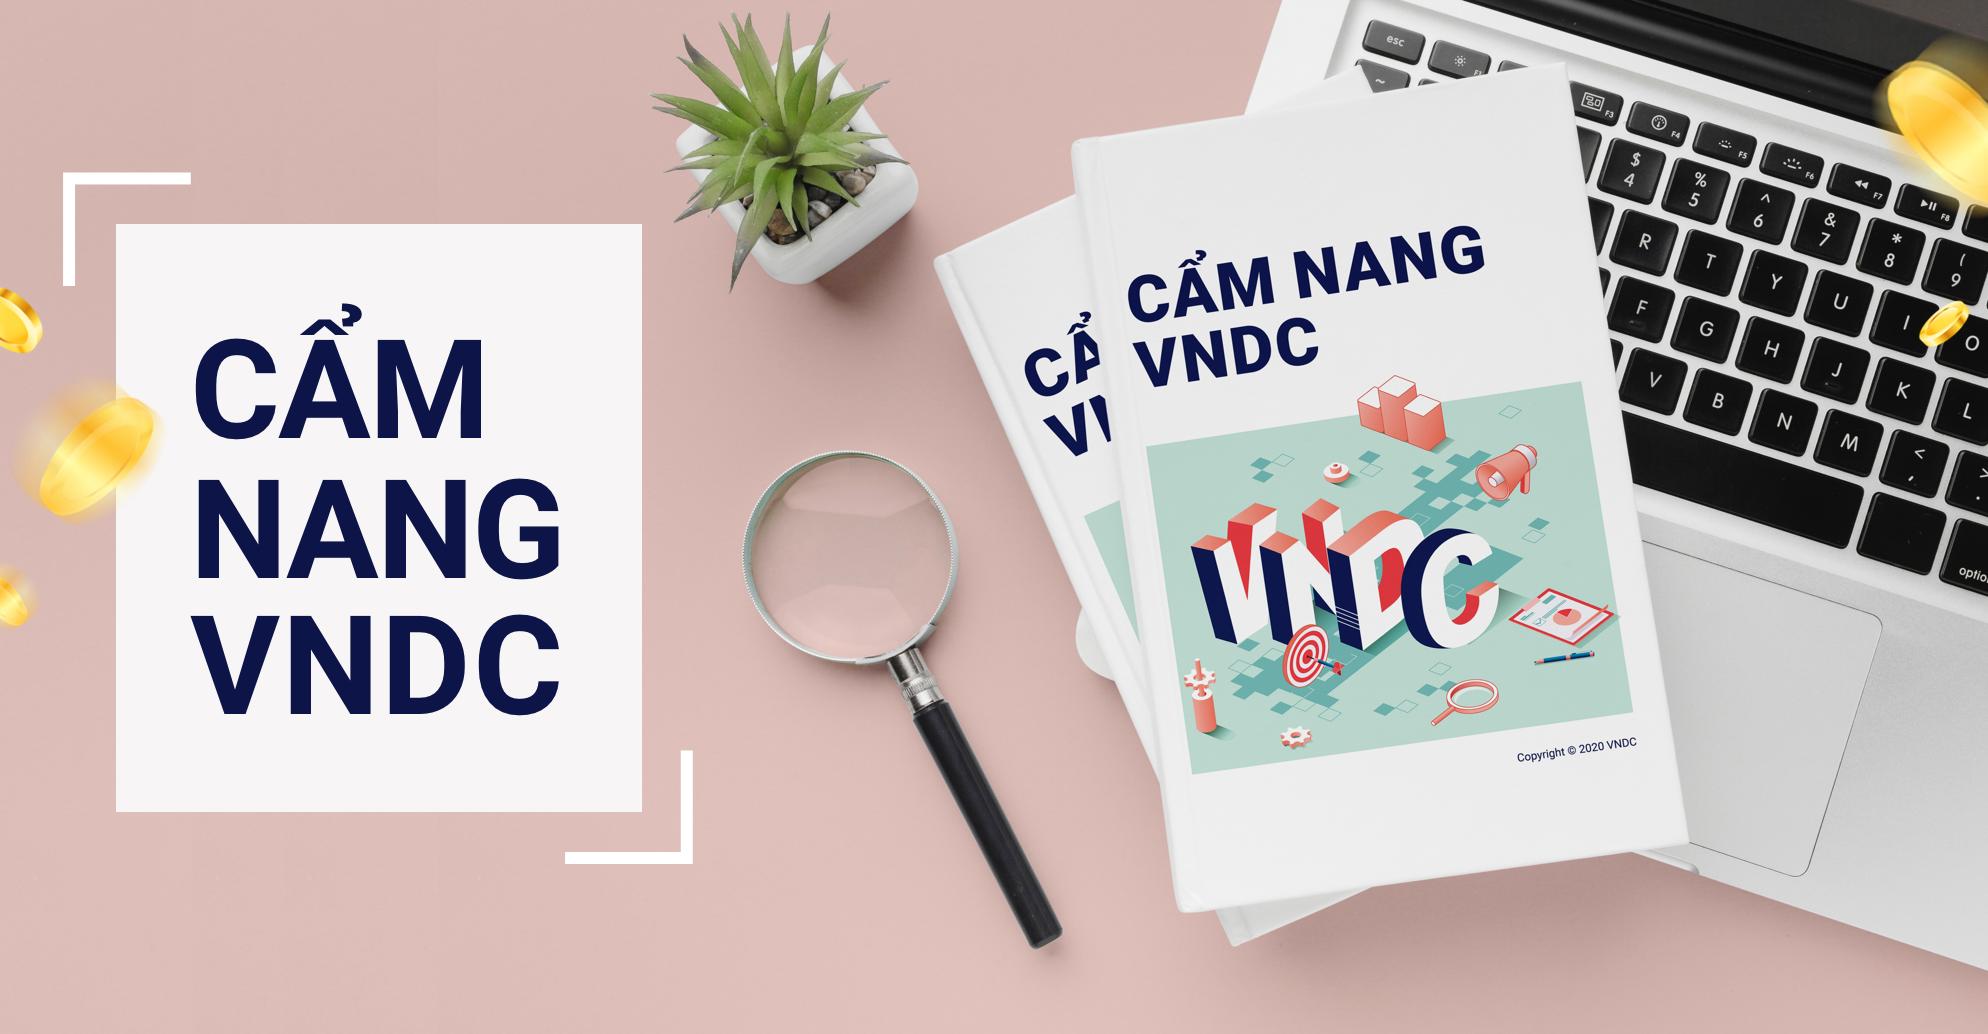 Chính thức ra mắt Cẩm nang VNDC (Ebook)